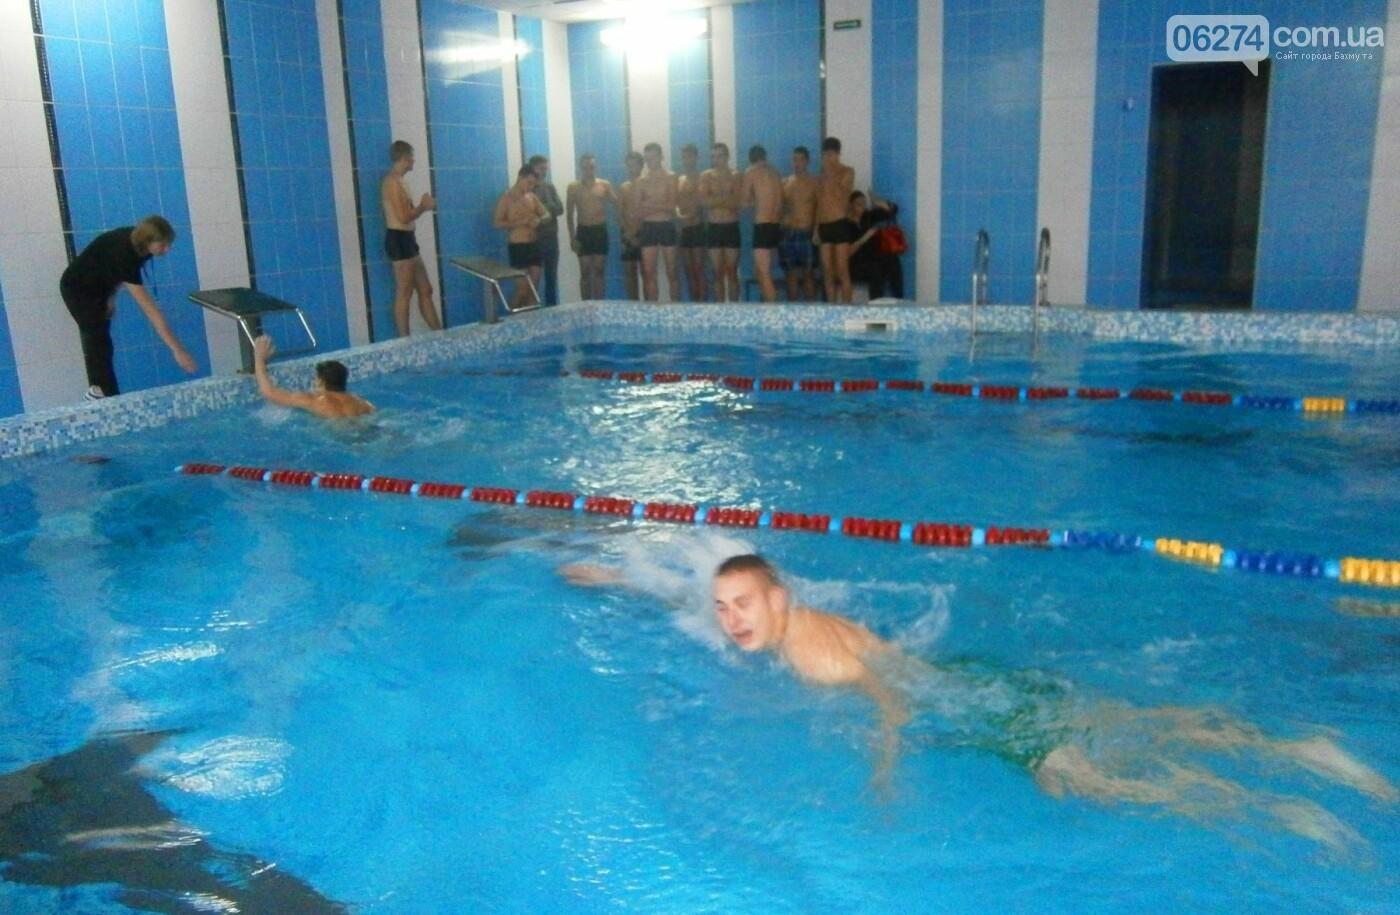 Плавательный сезон в ДЮК «Дельфин» начали старшеклассники Бахмута, фото-3